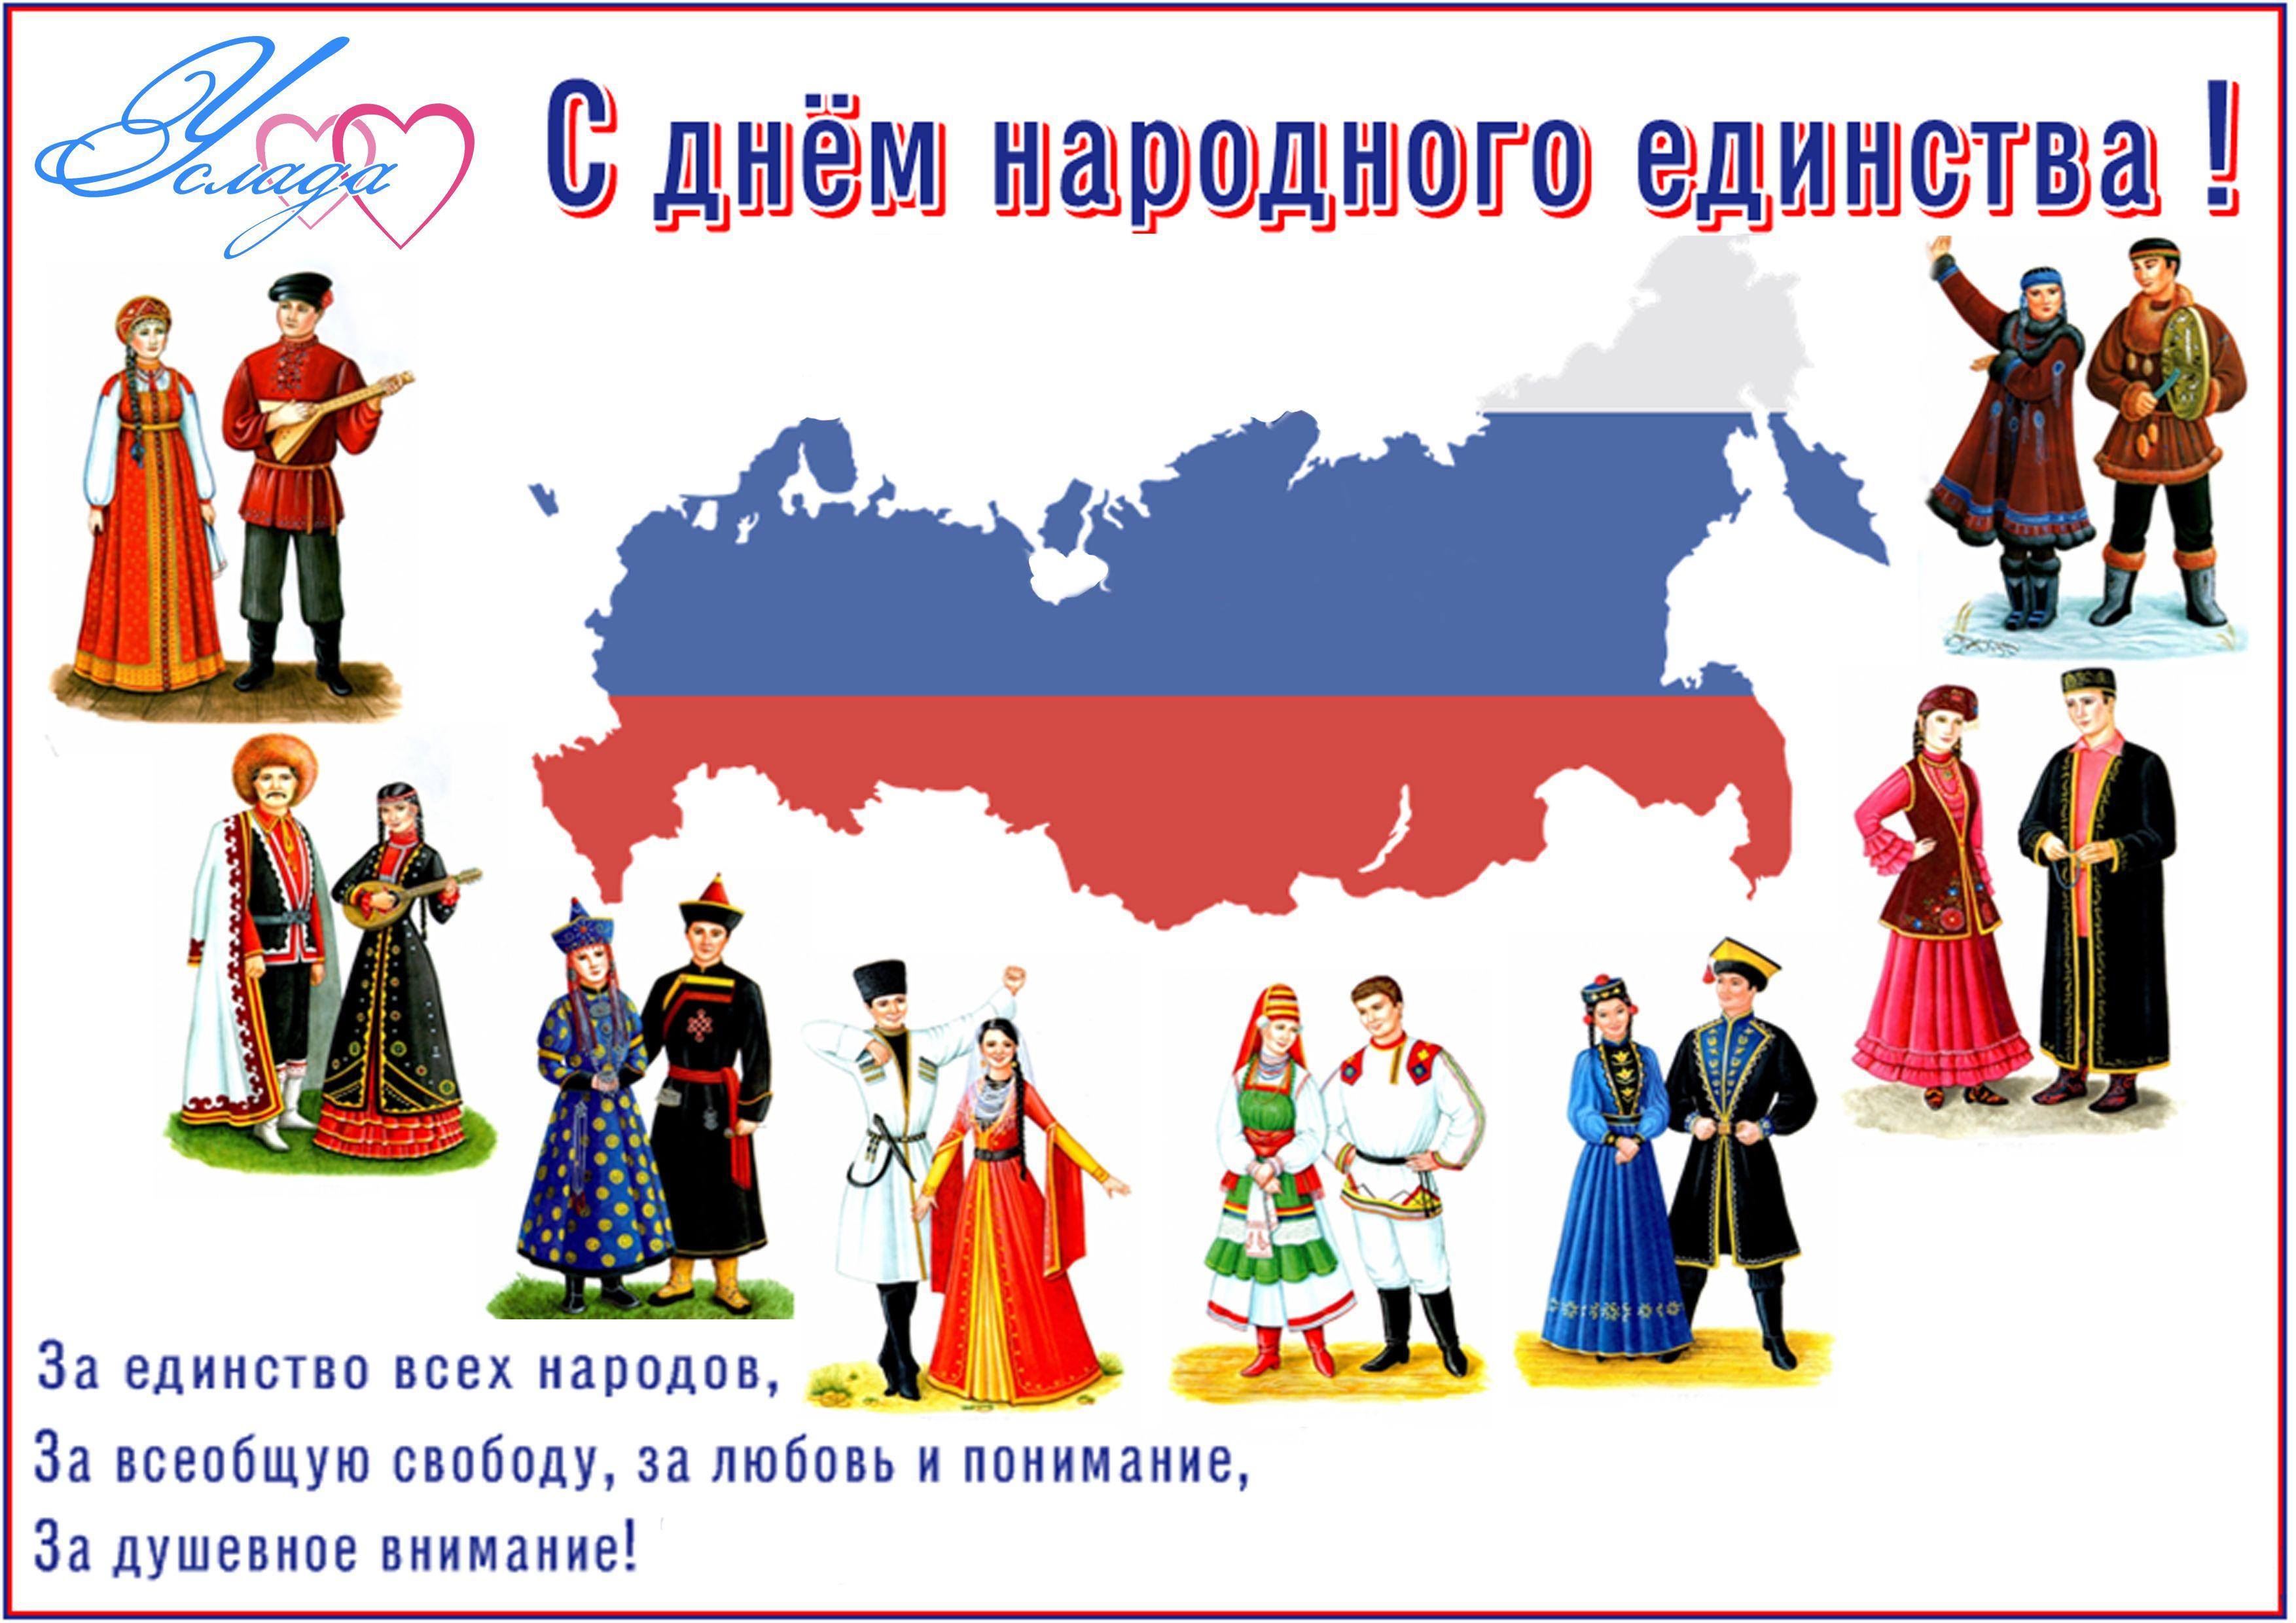 Прикольные картинки с днем единства народов россии, вольная борьба прикольные